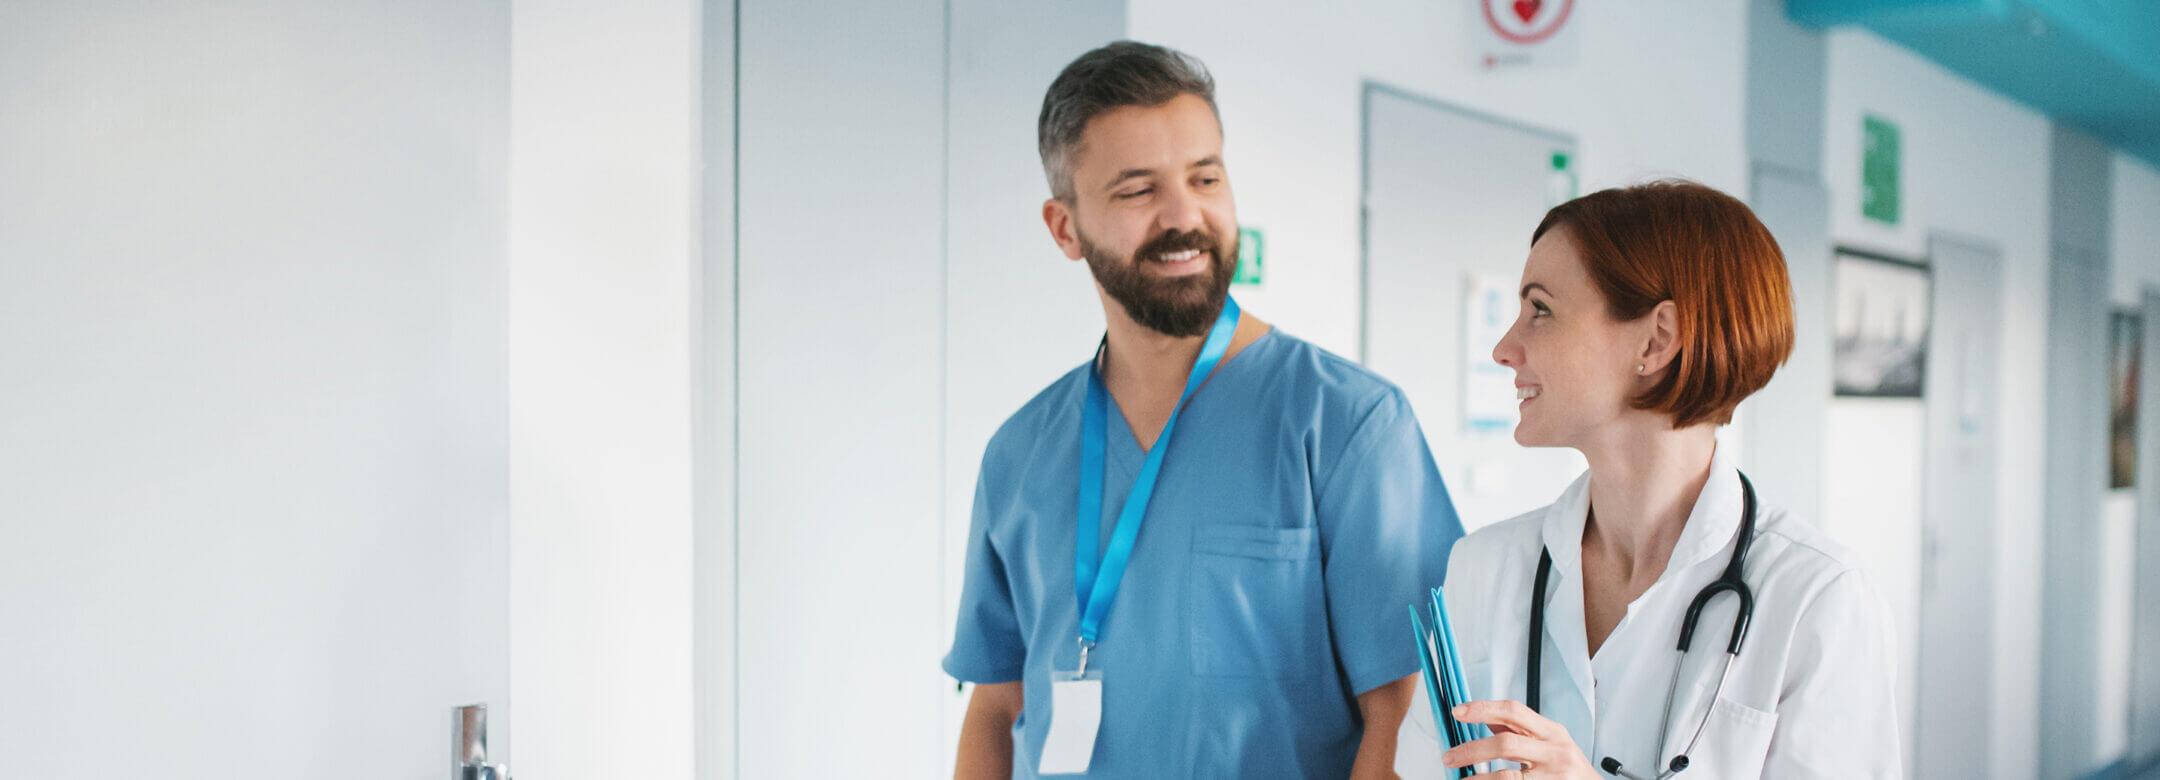 Lekarze rozmawiający na korytarzu szpitala